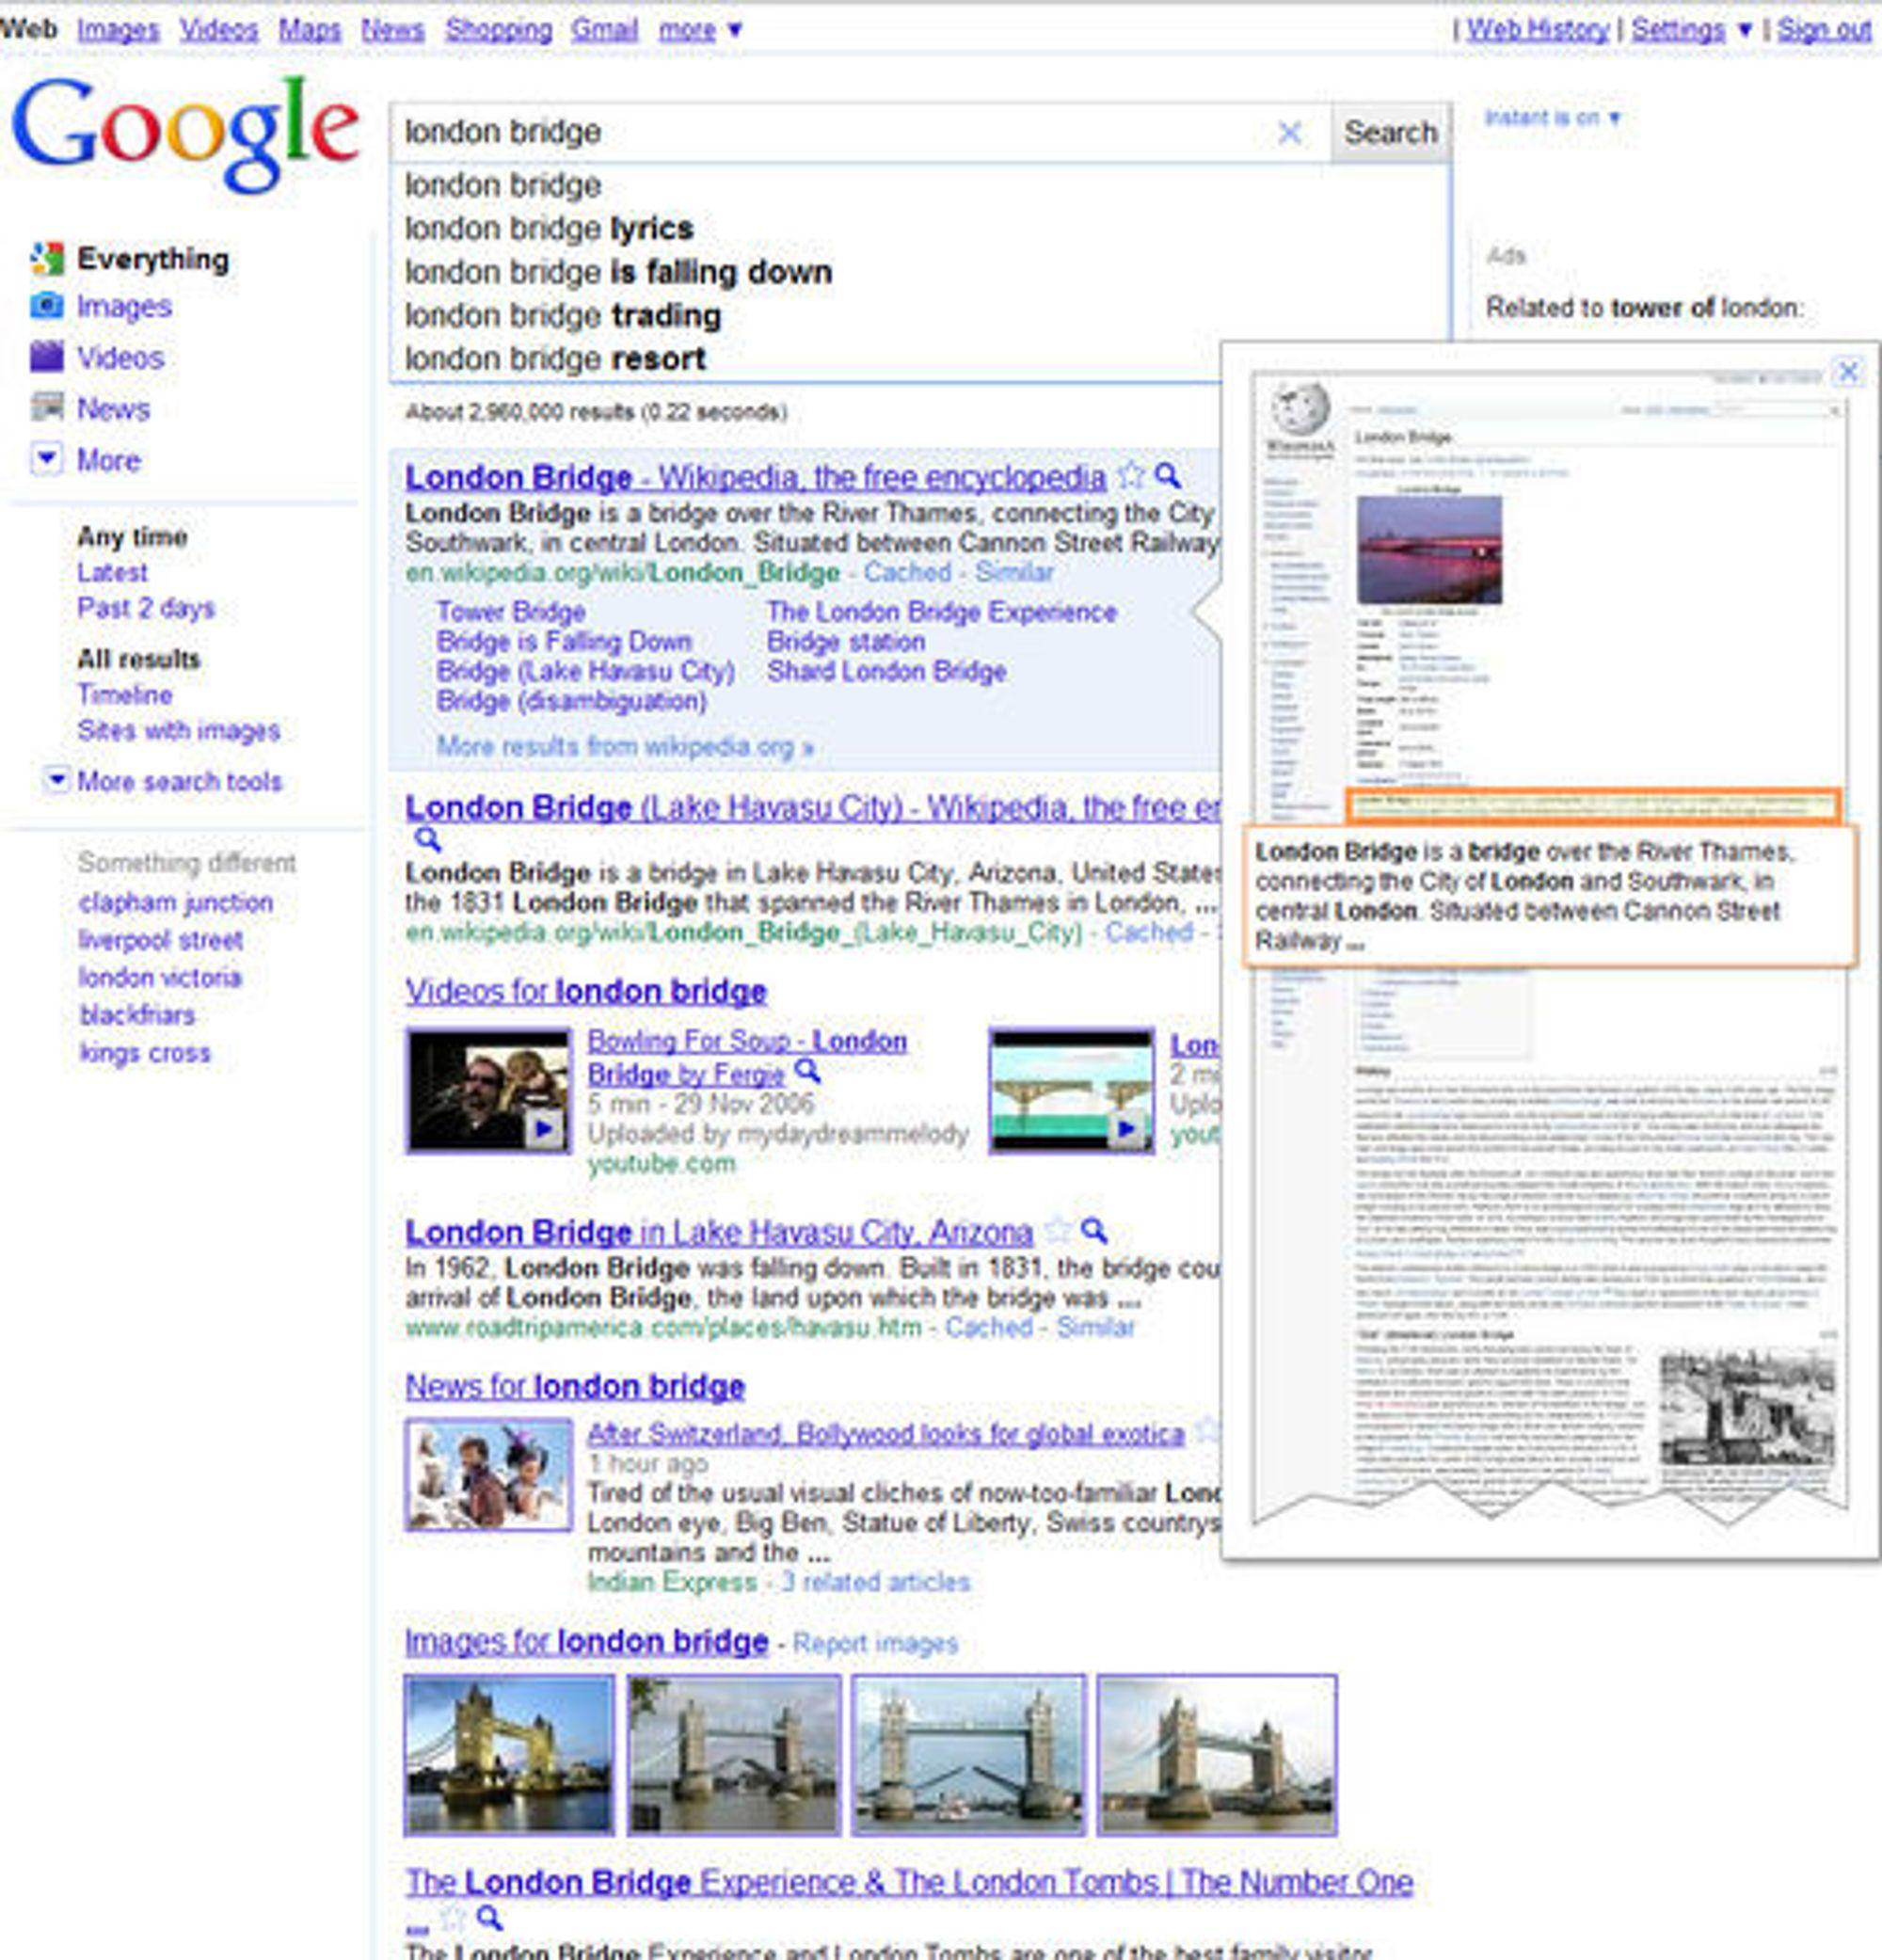 Google Instant Previews gjør det svært raskt å se hvordan websiden bak hvert søkeresultat ser ut.